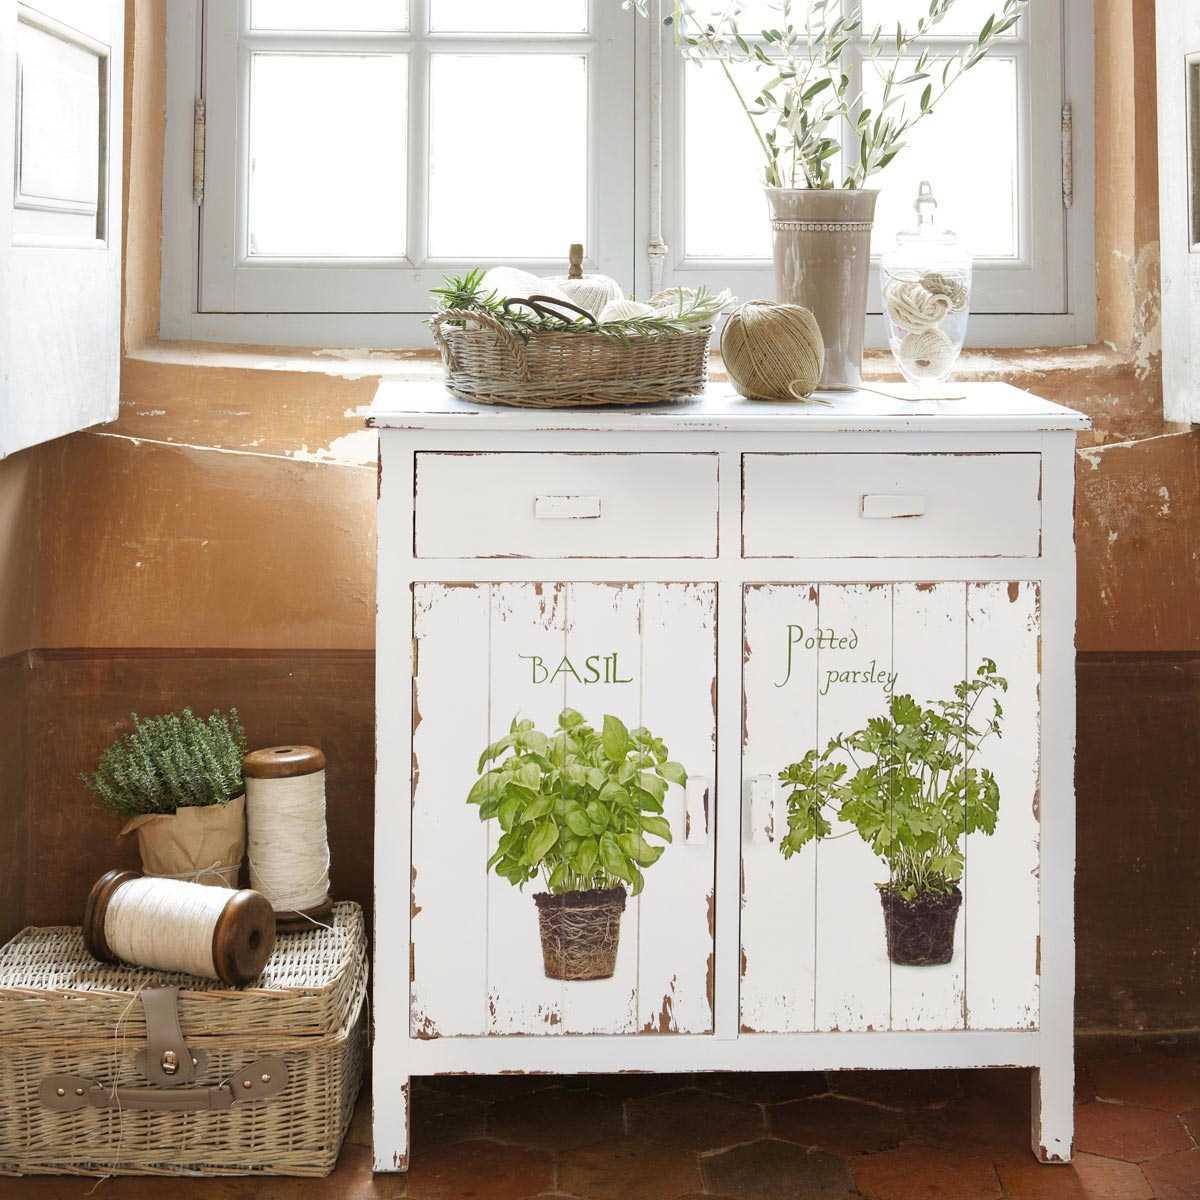 Мебель в стиле прованс – уютный, стильный и милый формат. 150 фото идей применения стиля